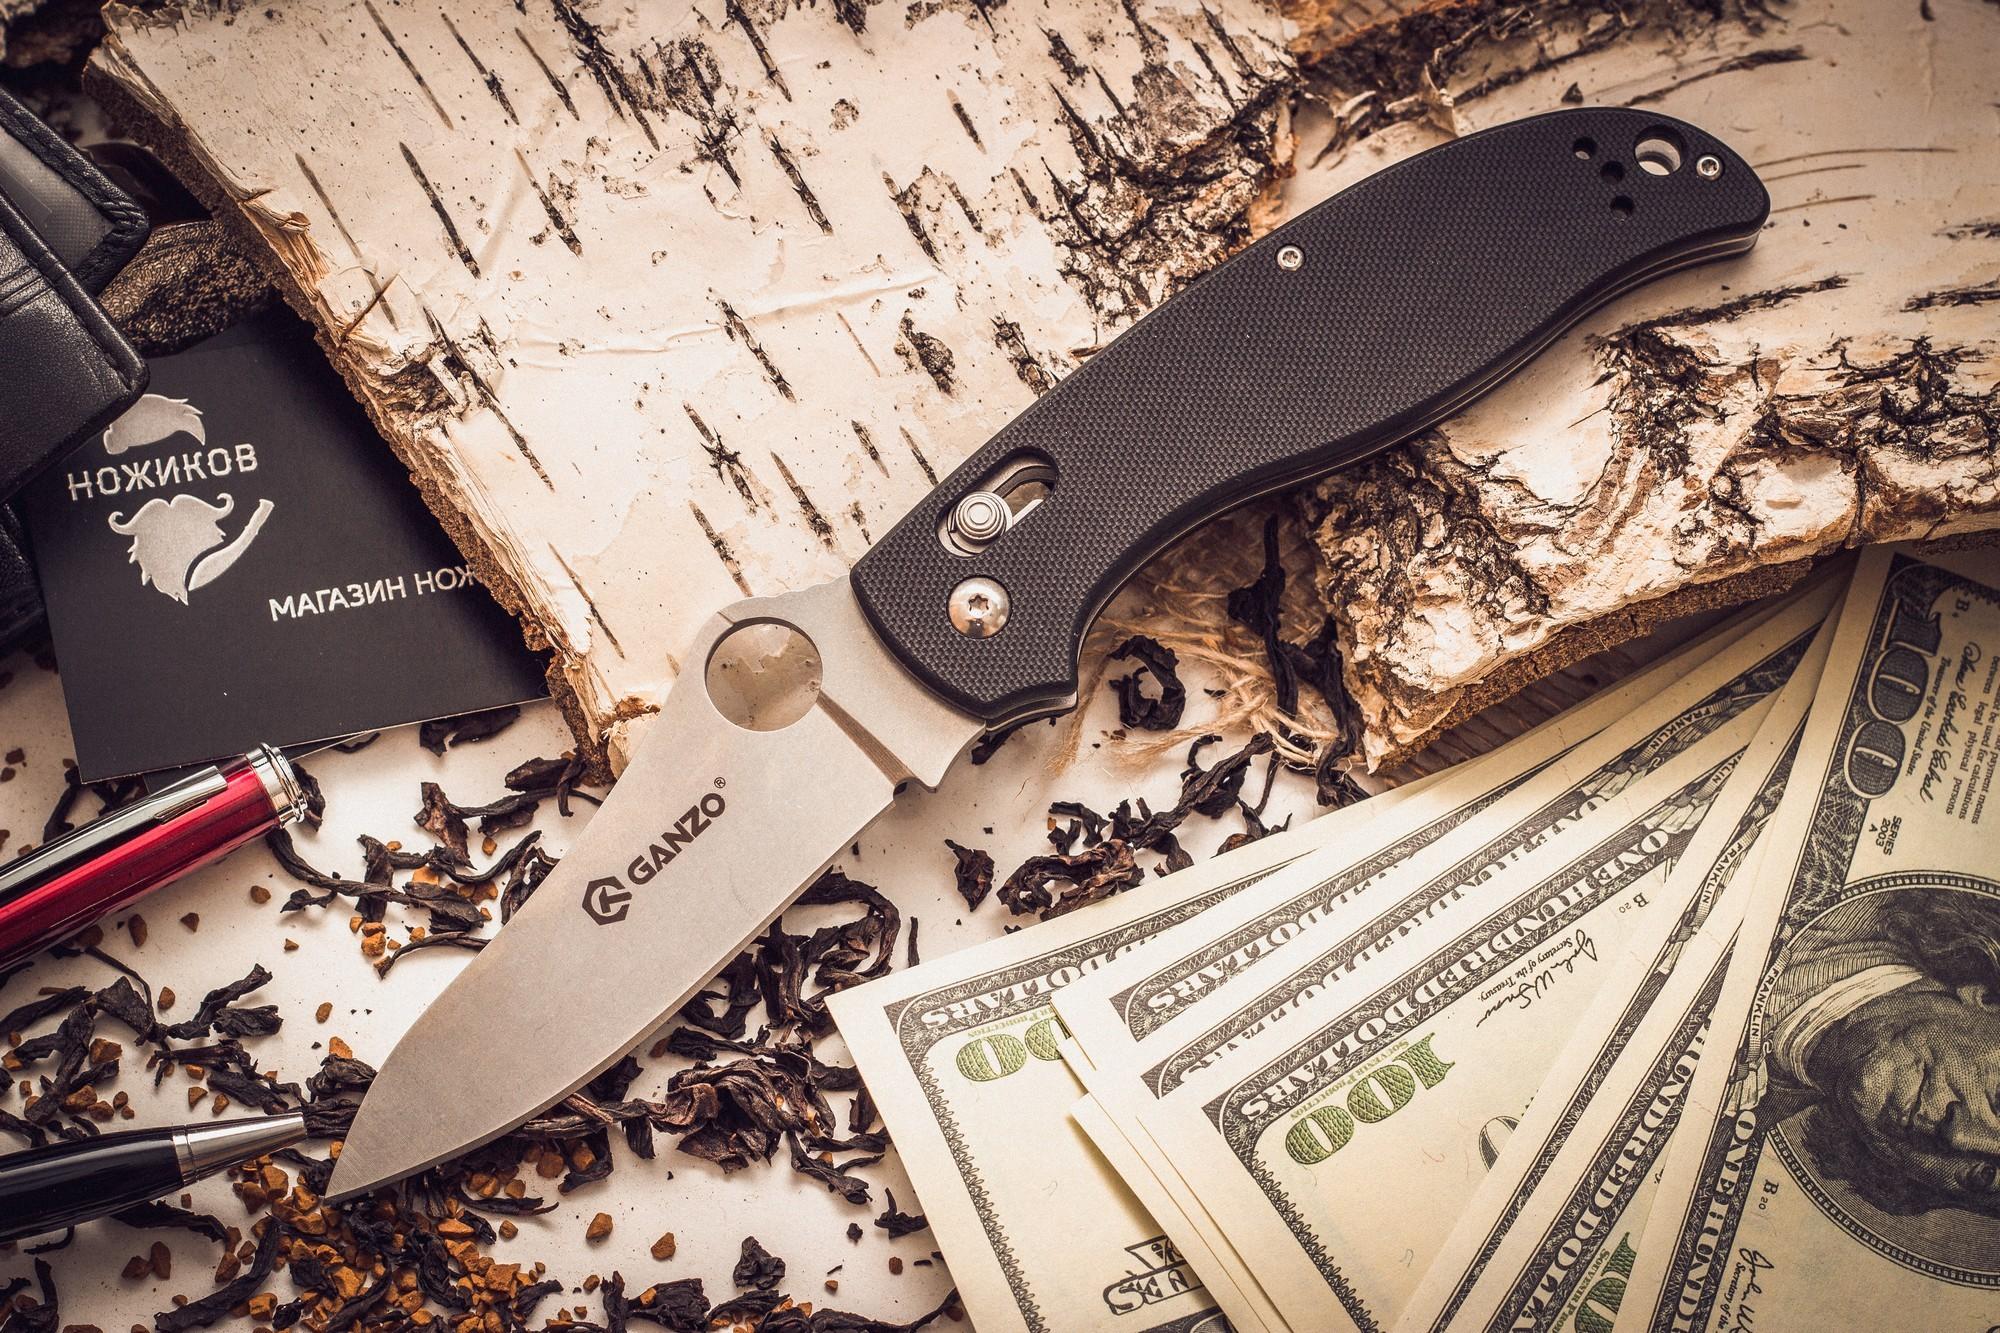 Складной нож Ganzo G733, черныйРаскладные ножи<br>Если вы до сих пор мечтаете о ноже от компании Спайдерко, мы рекомендуем обратить внимание на модель GANZO G733, ЧЕРНЫЙ. Перед вами точная реплика известного ножа, которая полностью соответствует оригиналу. За разумные деньги вы получаете нож высокого качества, произведенный на серийном оборудовании. Чтобы использование ножа было легким и приятным, производитель установил замок аксис-лок, который жестко фиксирует клинок в раскрытом положении. Для увеличения срока службы клинок подвергнут специальной обработке, которая уменьшает количество царапин.<br>